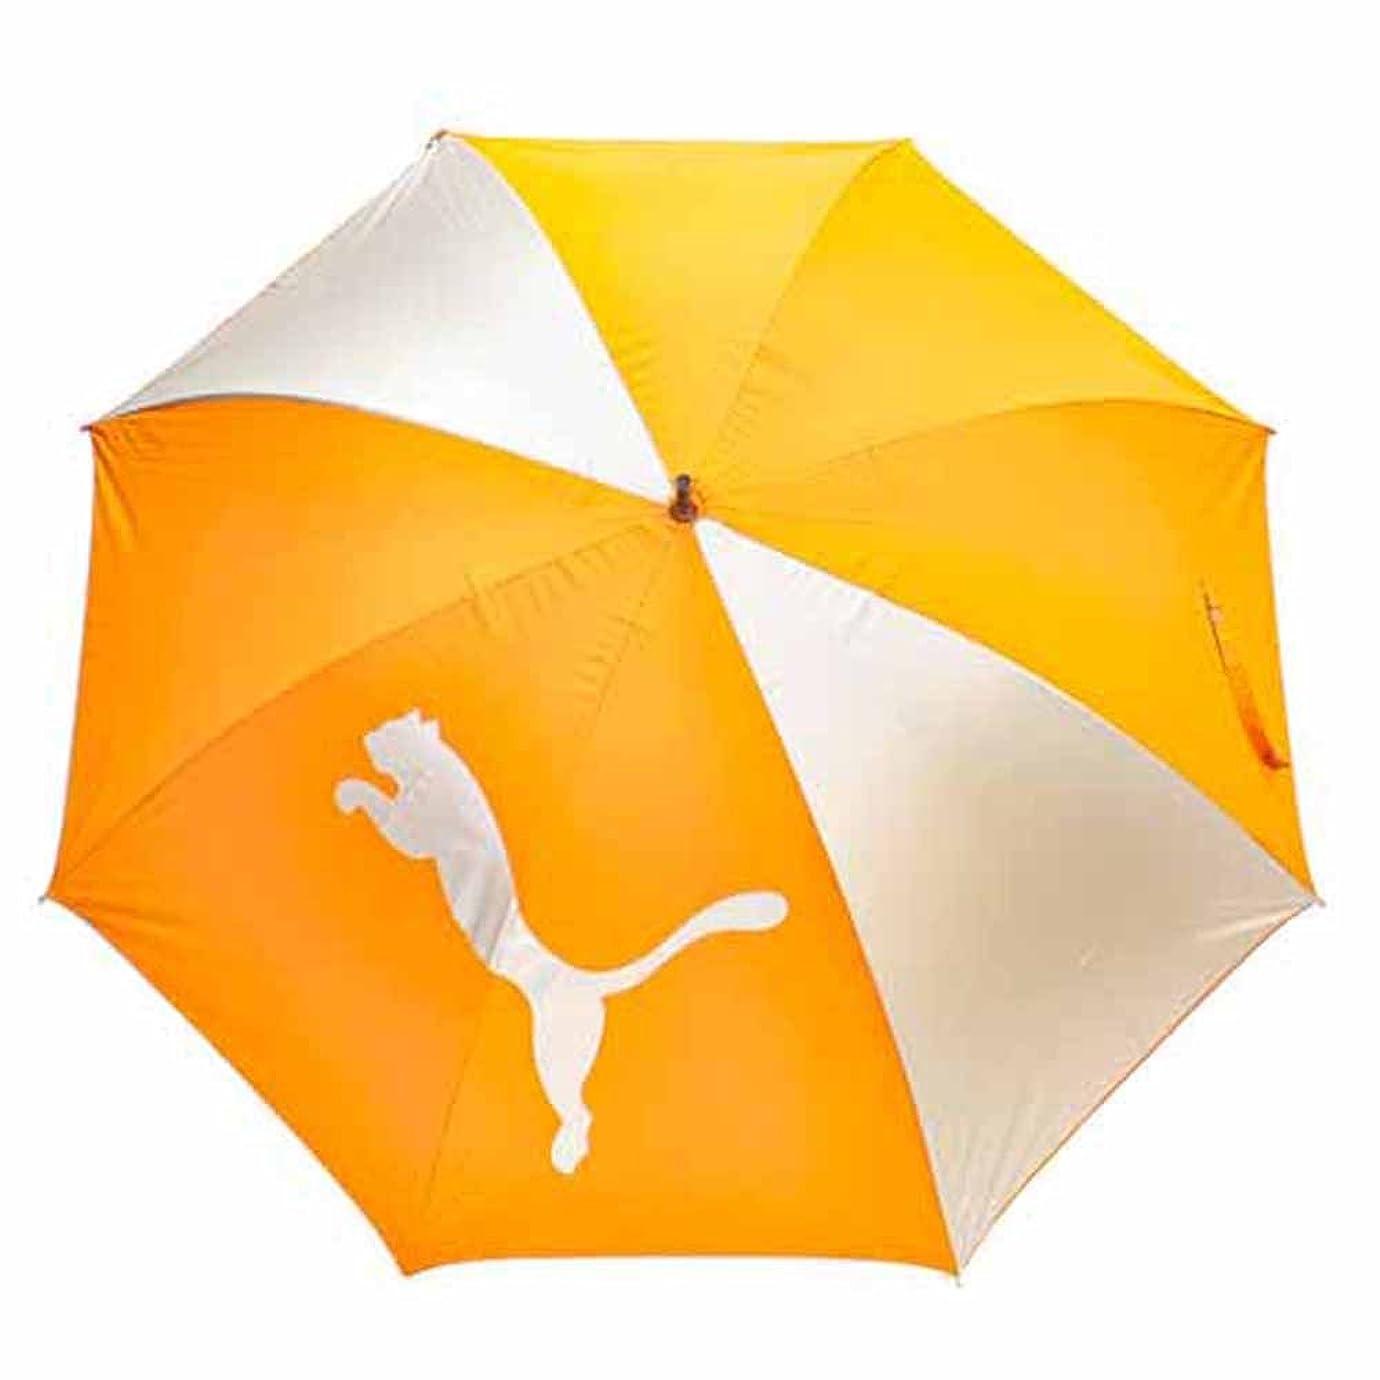 下居心地の良いアクセルSunyouth 自動開閉式 ワンタッチ 折り畳み傘